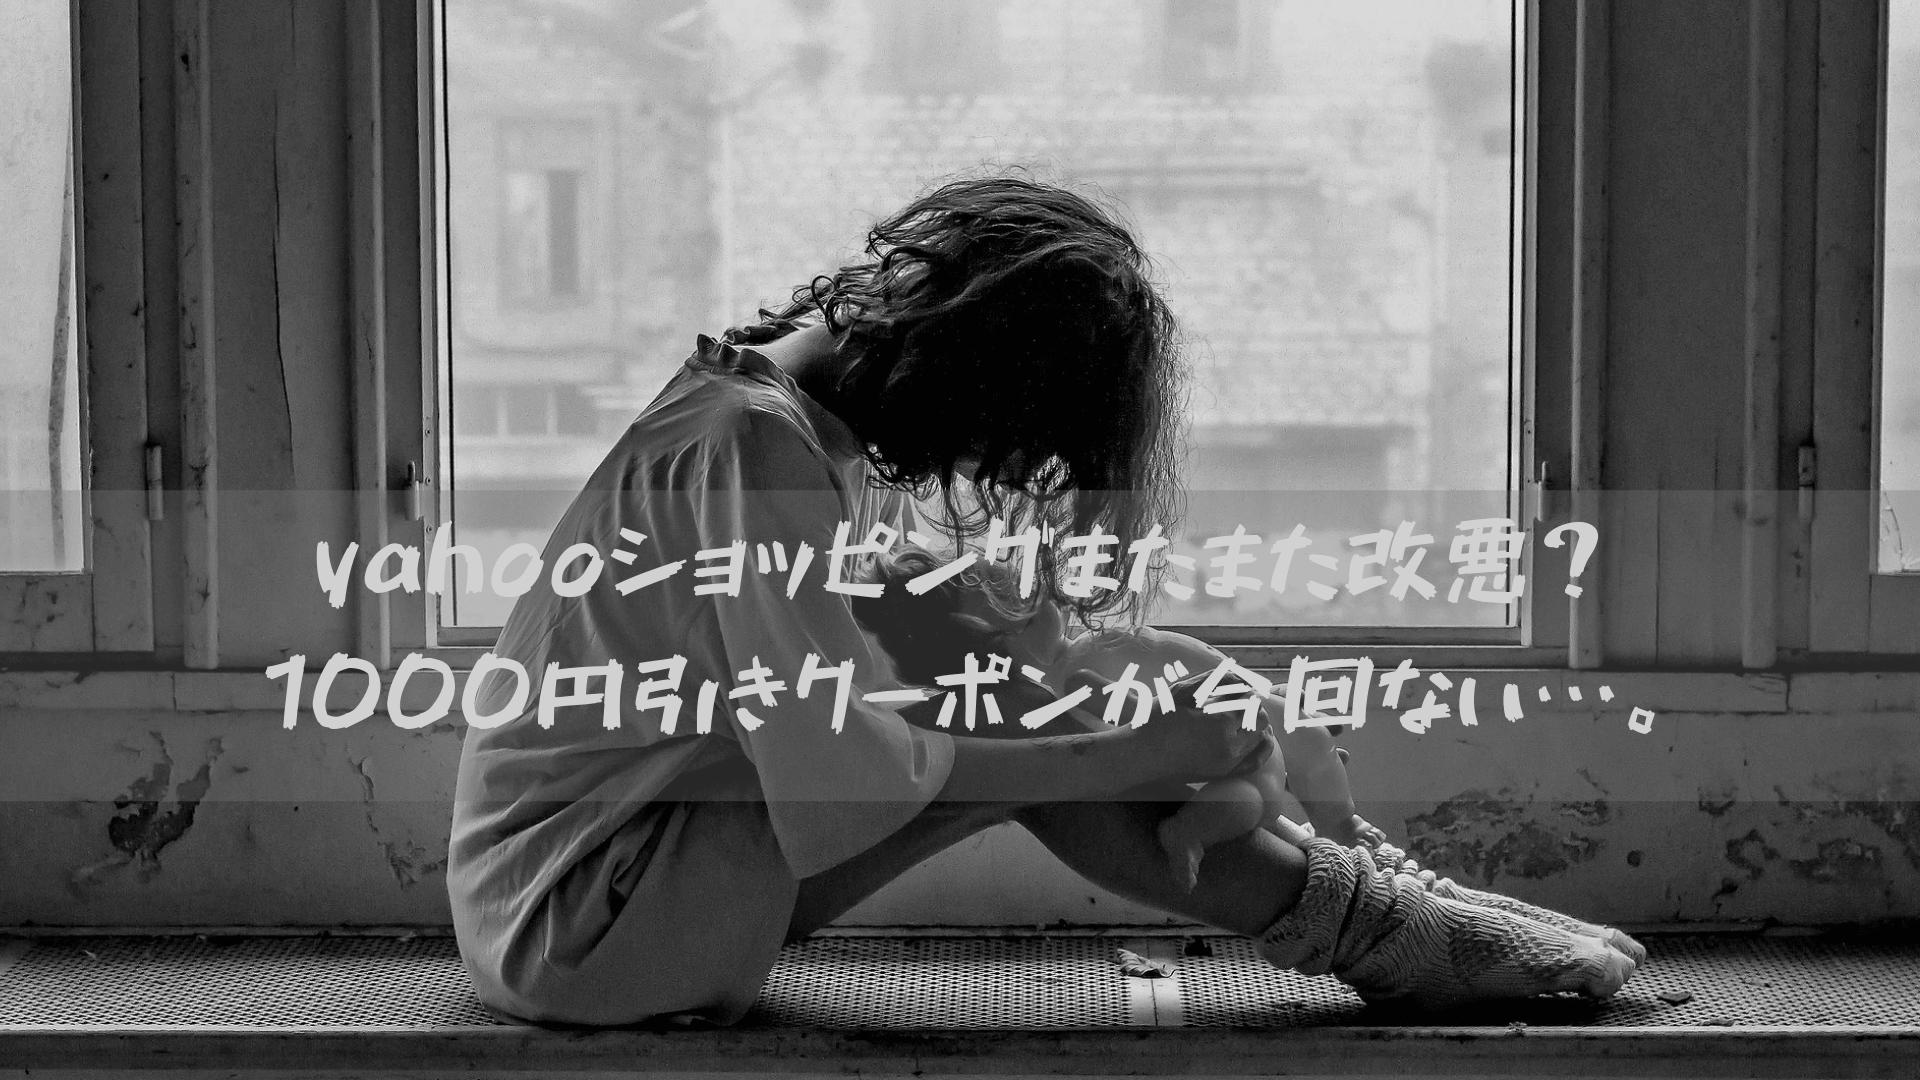 yahooショッピングまたまた改悪?1000円引きクーポンが今回ない…。